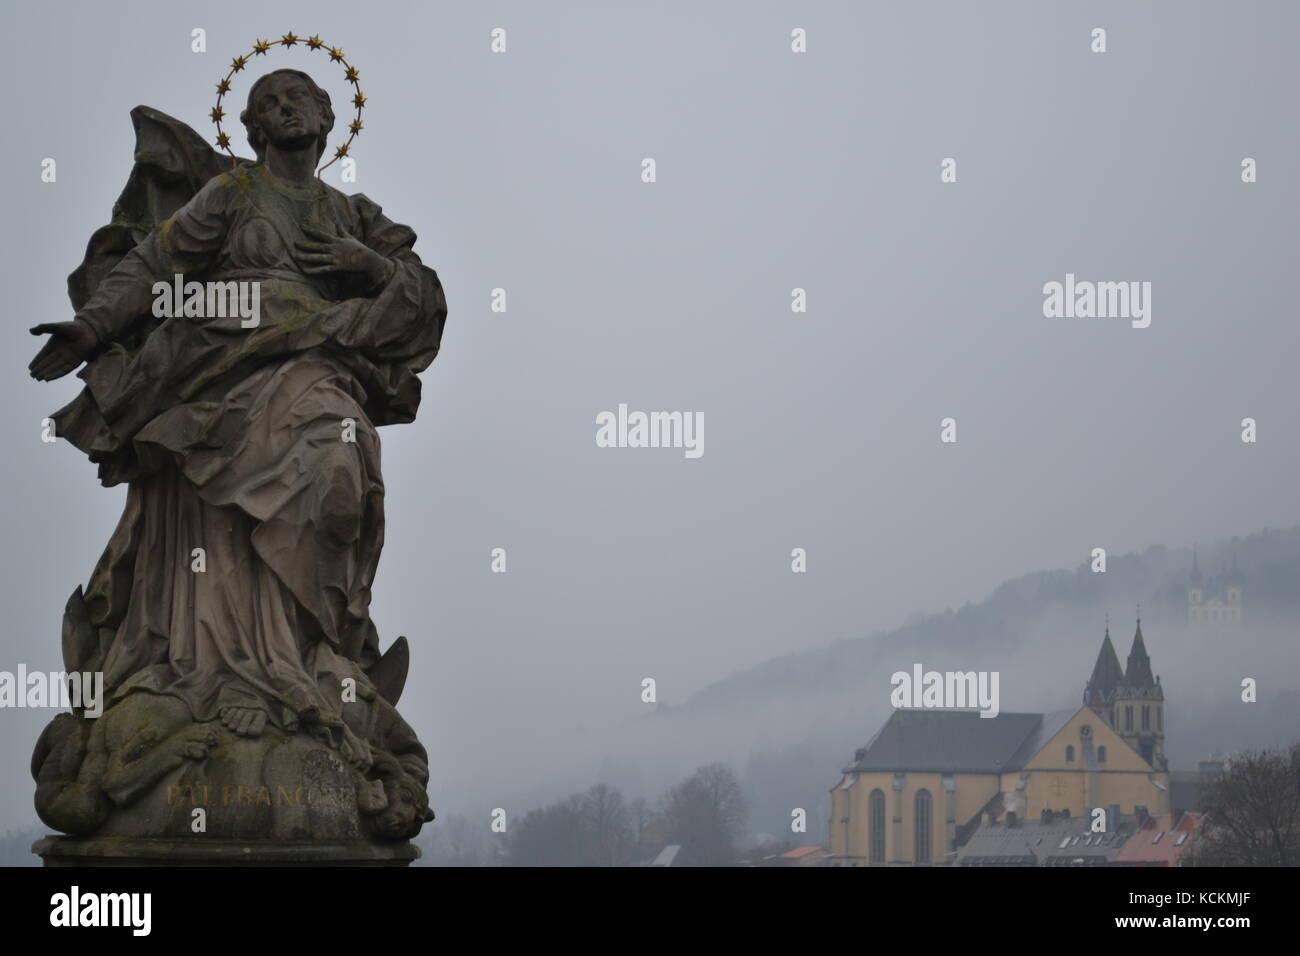 Estátua de Anjo Alemanha - Stock Image